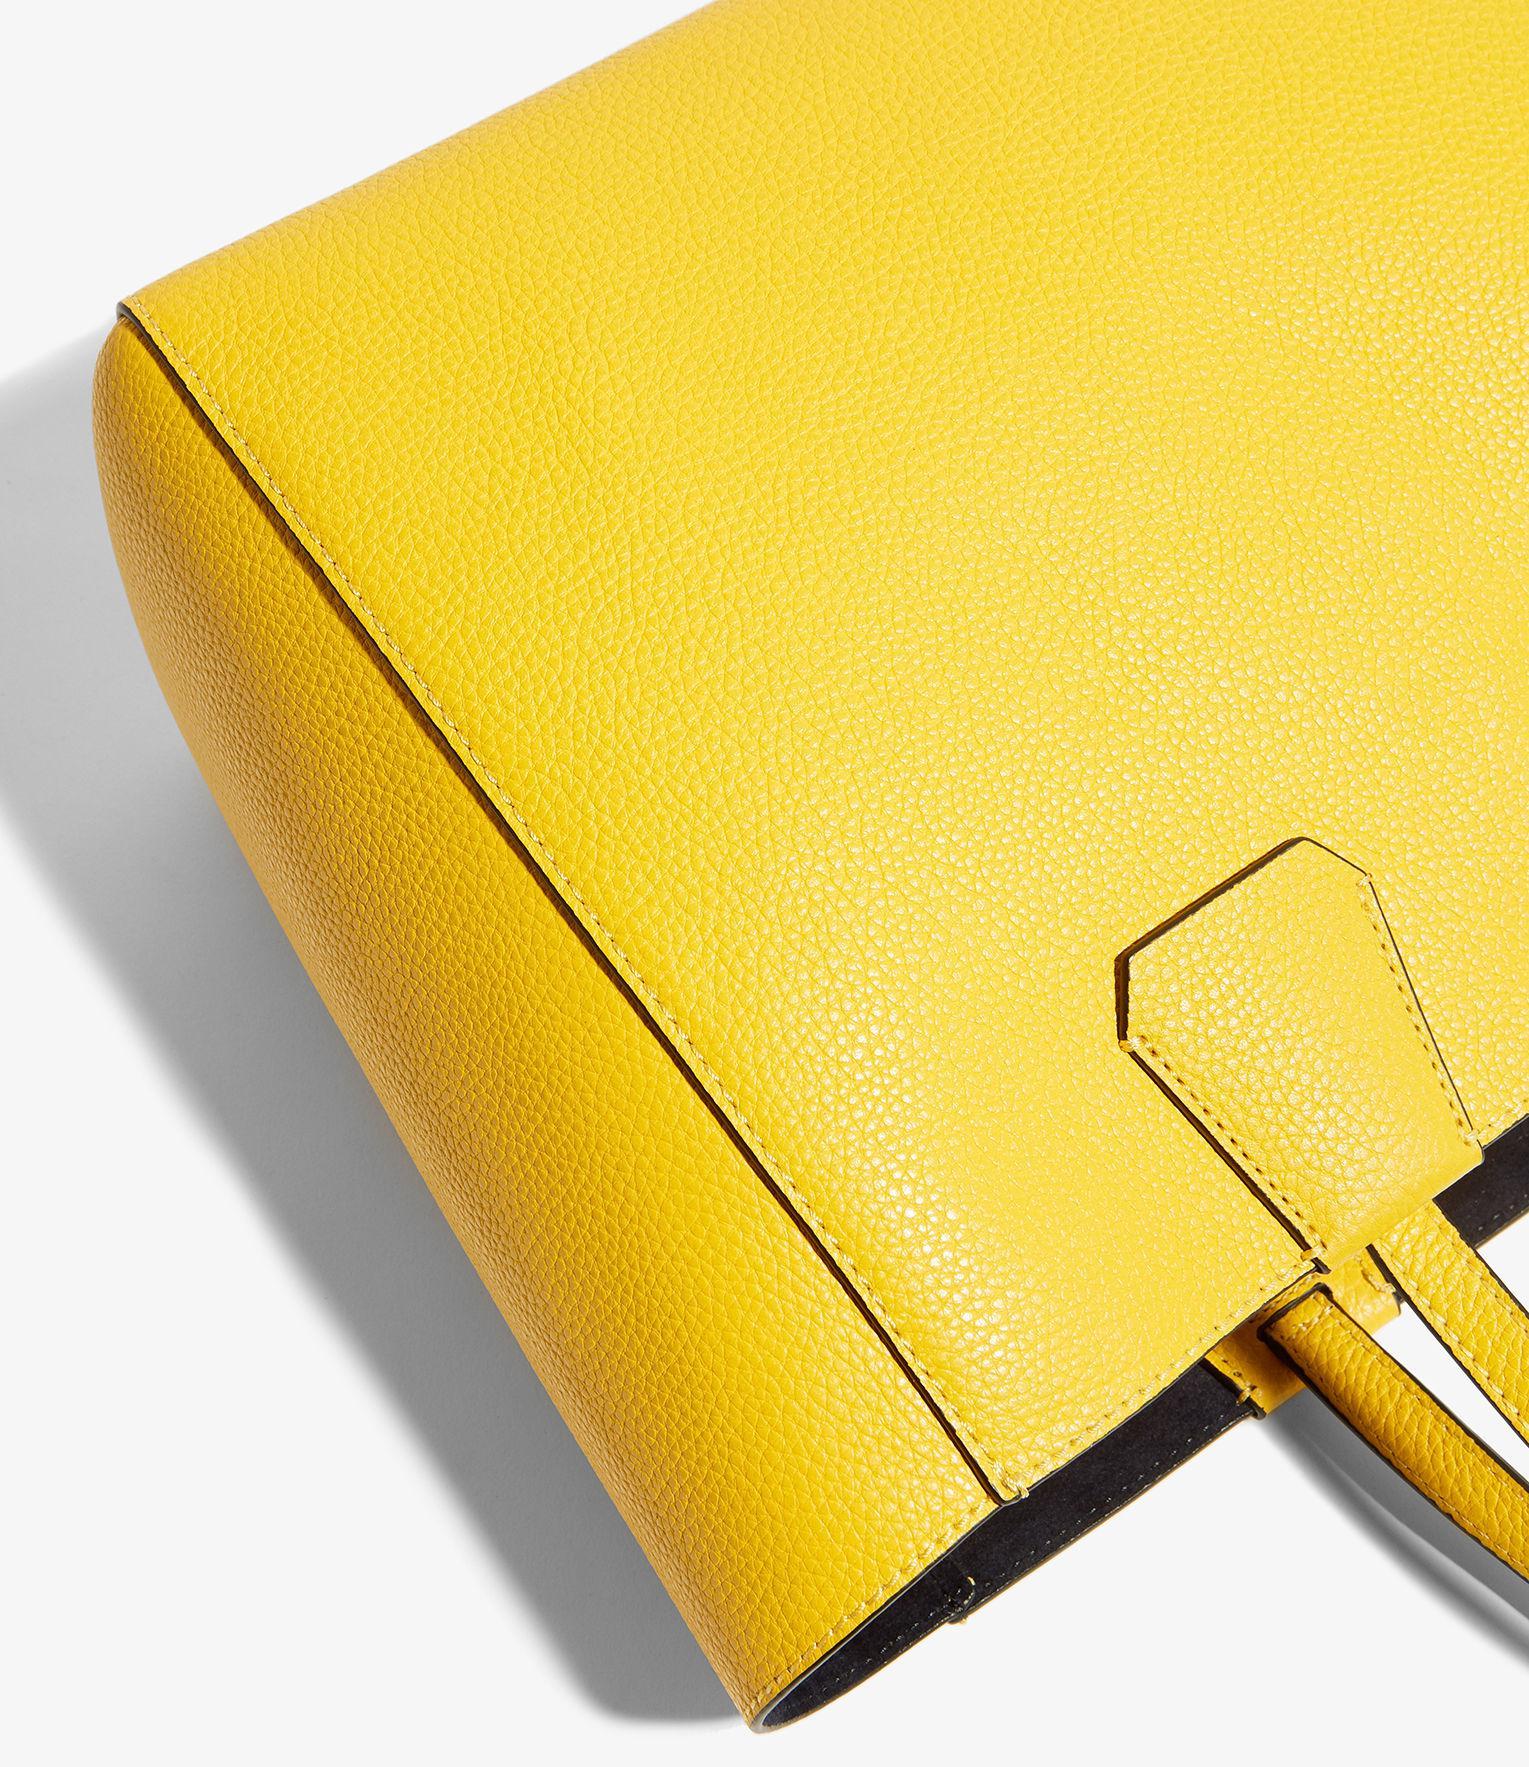 Karen Millen Leather East West Tote Bag in Yellow